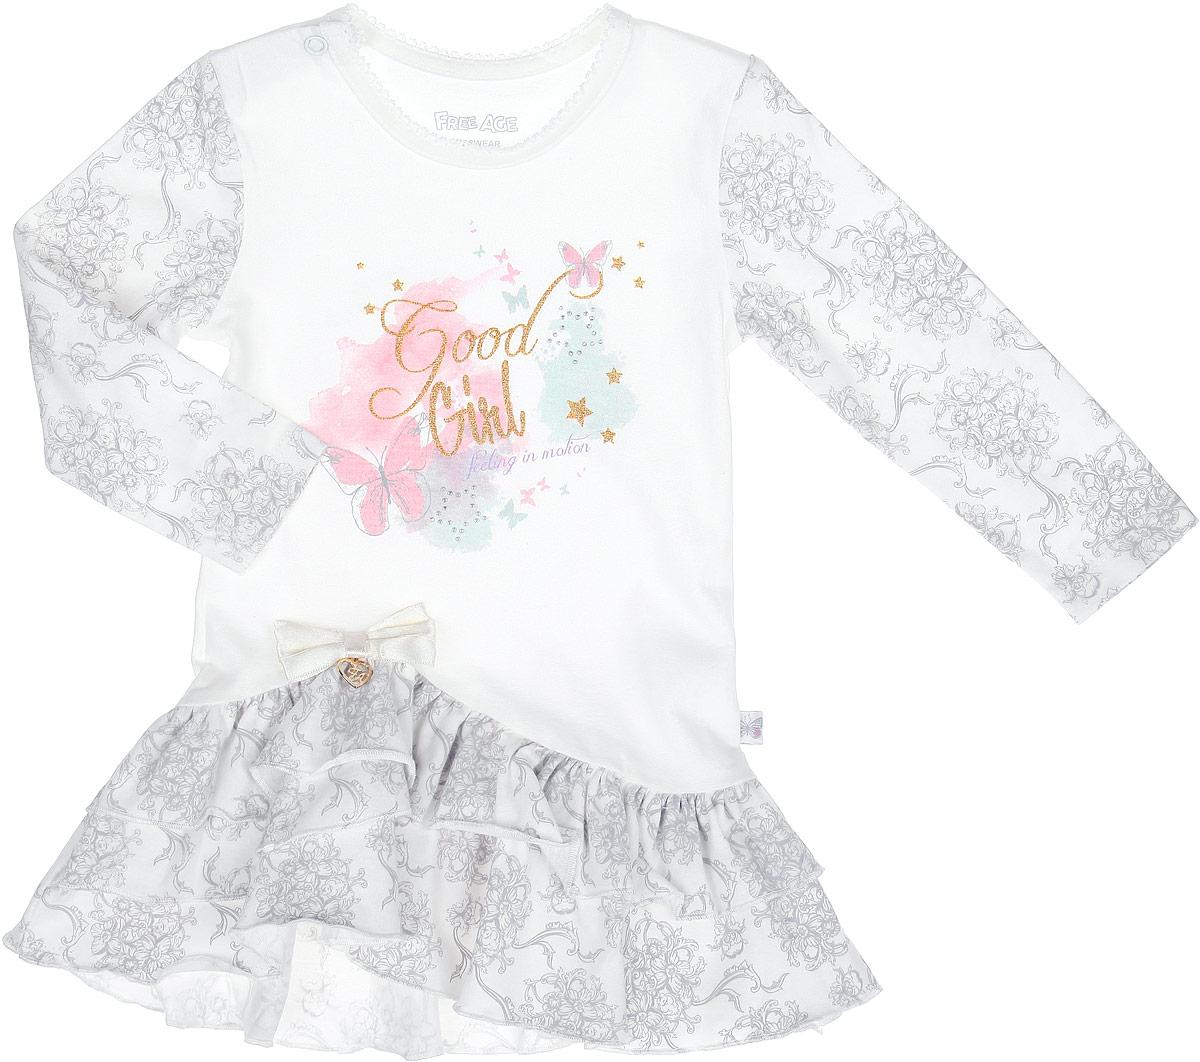 Платье для девочки. ZBG 14113-VZBG 14113-VПлатье для девочки Free Age отлично подойдет вашей маленькой моднице. Выполненное из натурального хлопка, оно мягкое и приятное на ощупь, не сковывает движения и позволяет коже дышать, обеспечивая наибольший комфорт. Платье с круглым вырезом горловины и длинными рукавами имеет застежку-кнопку по плечевому шву, что помогает при переодевании ребенка. Вырез горловины украшен ажурными петельками. По низу платье дополнено воздушными оборками. Изделие оформлено принтом и надписями, декорированными блестящим напылением и переливающимися стразами. Также платье украшено атласным бантом с металлической подвеской. В таком платье маленькой принцессе будет комфортно и она всегда будет в центре внимания!